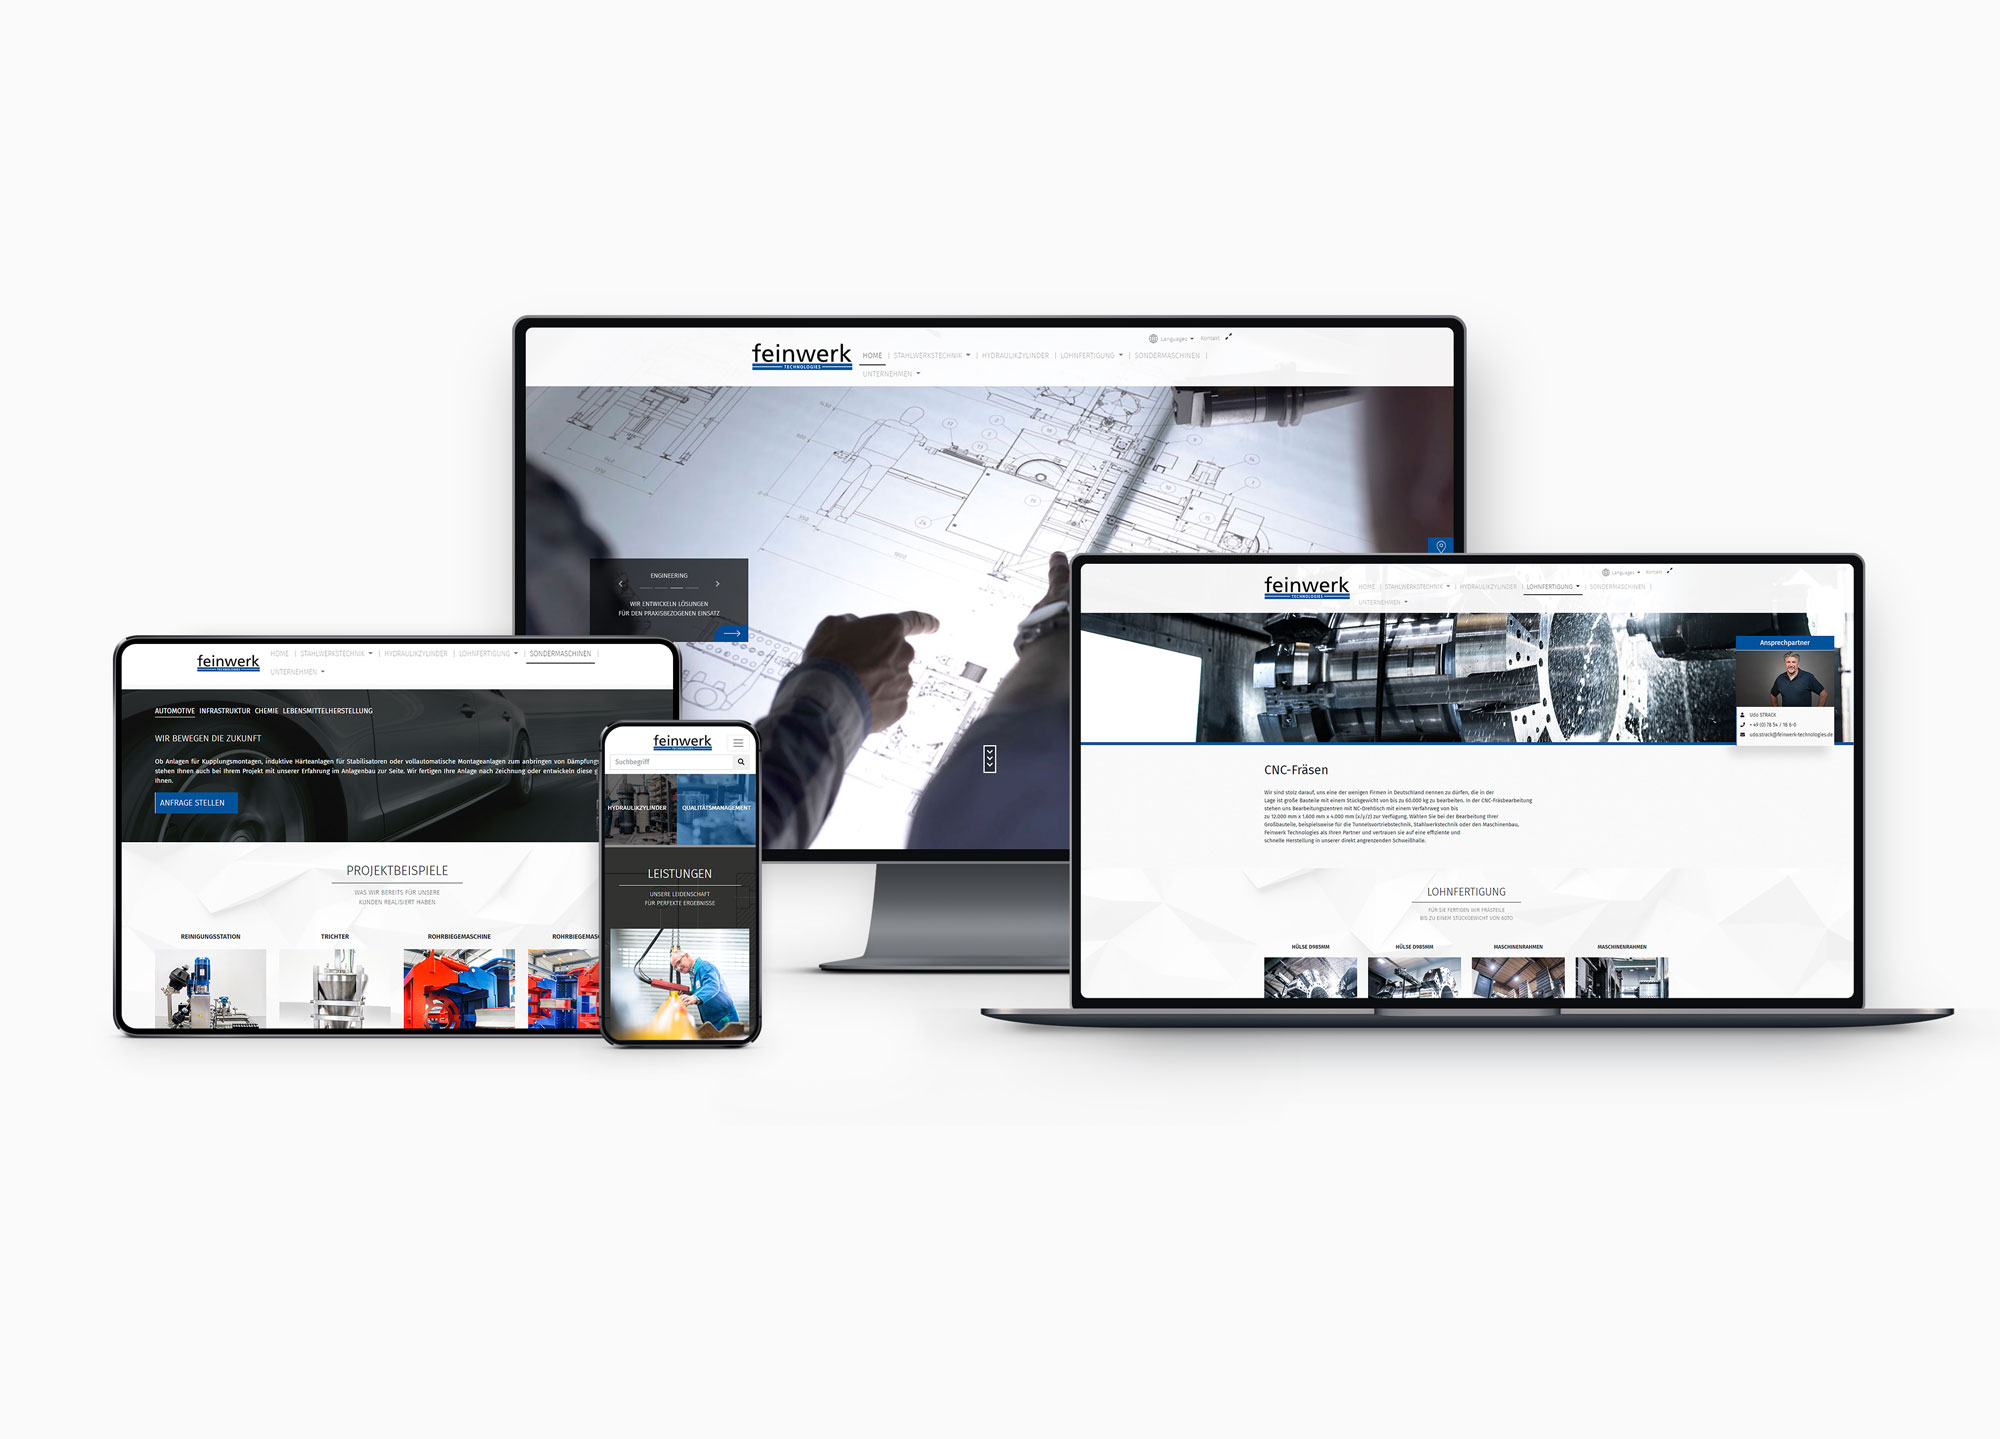 kopfmedia-feinwerk-technologies-website-homepage